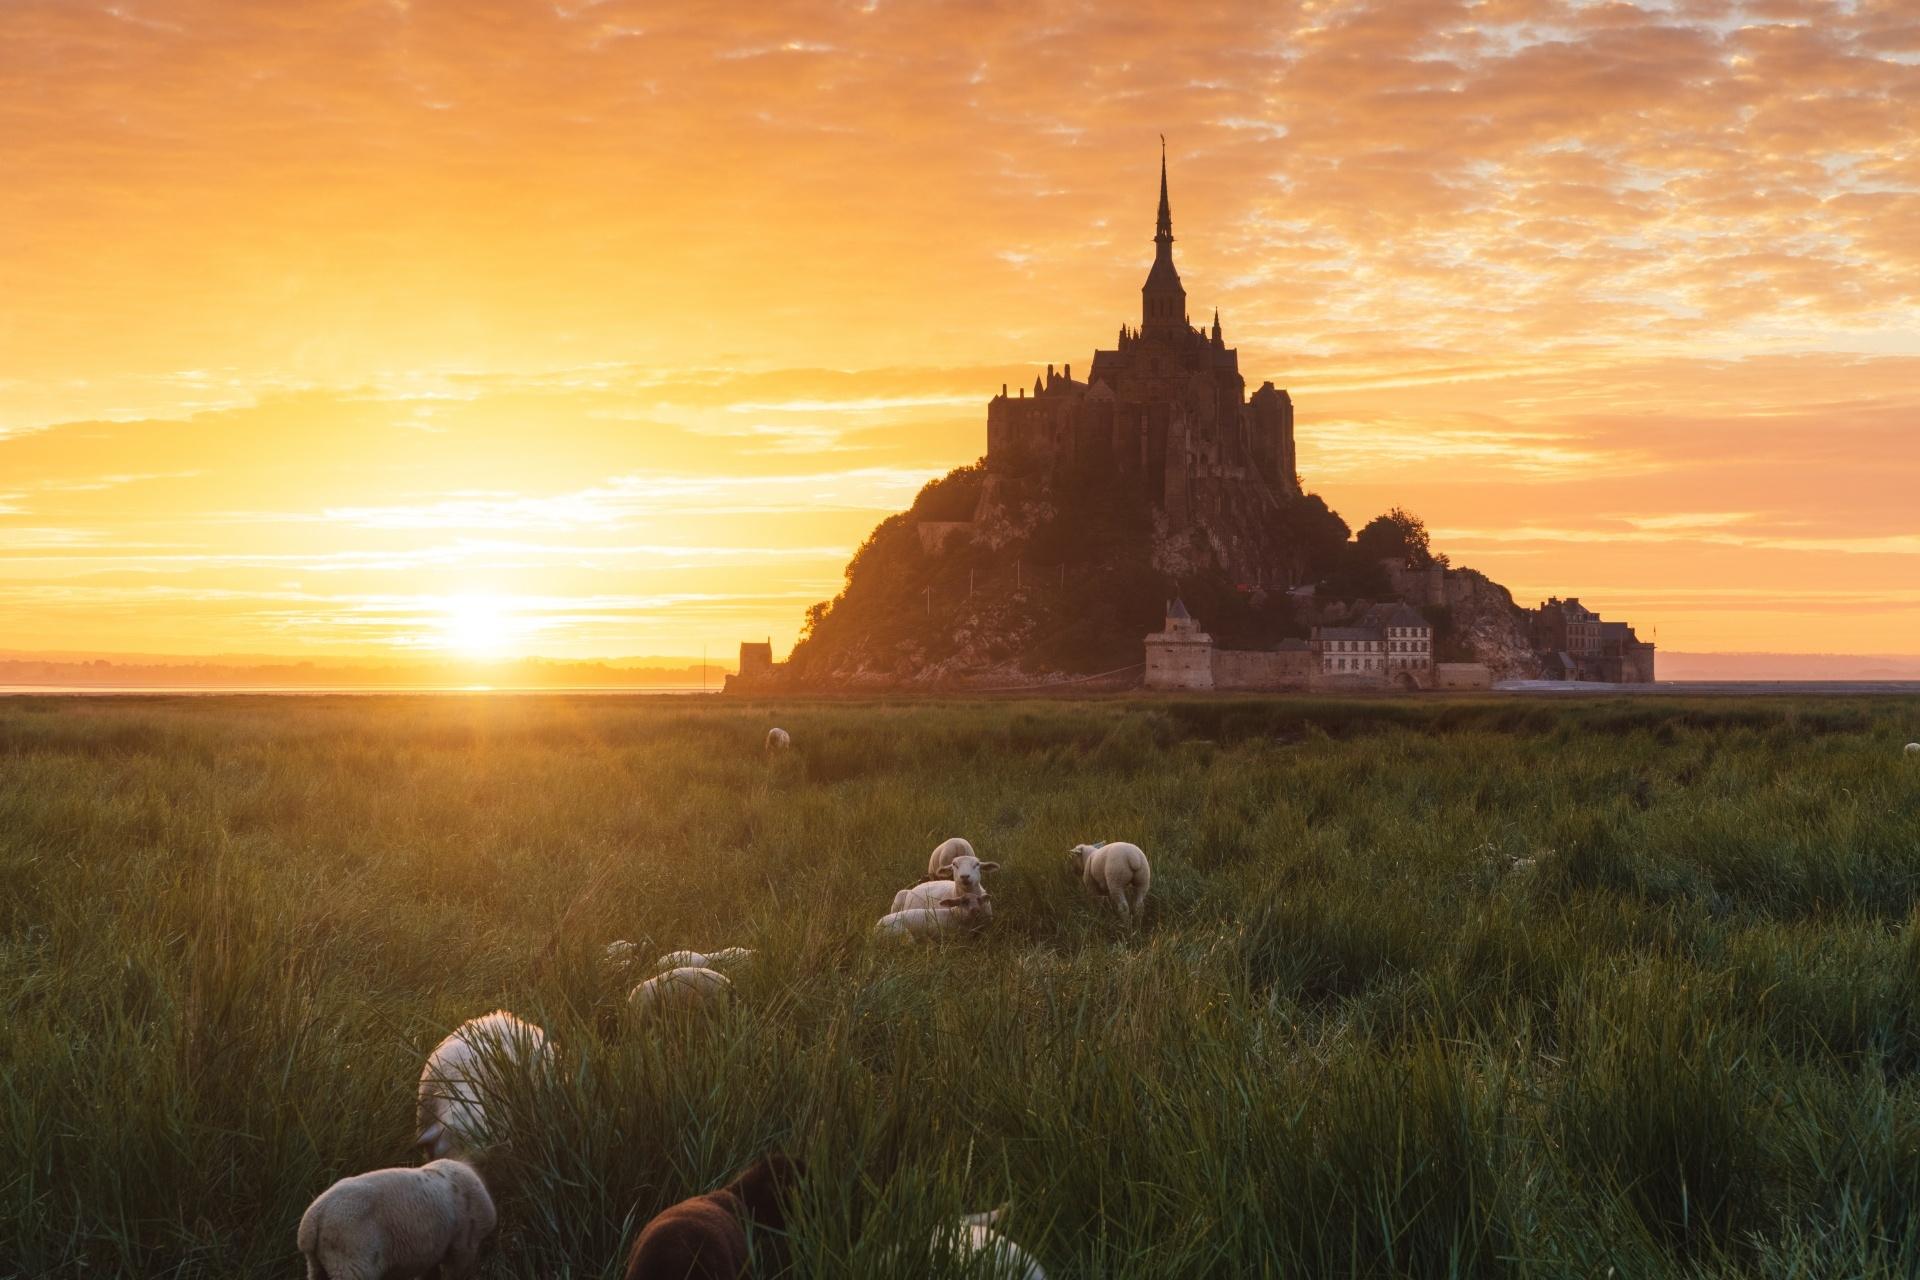 フランス モン・サン・ミッシェルの日の出の風景 フランスの風景